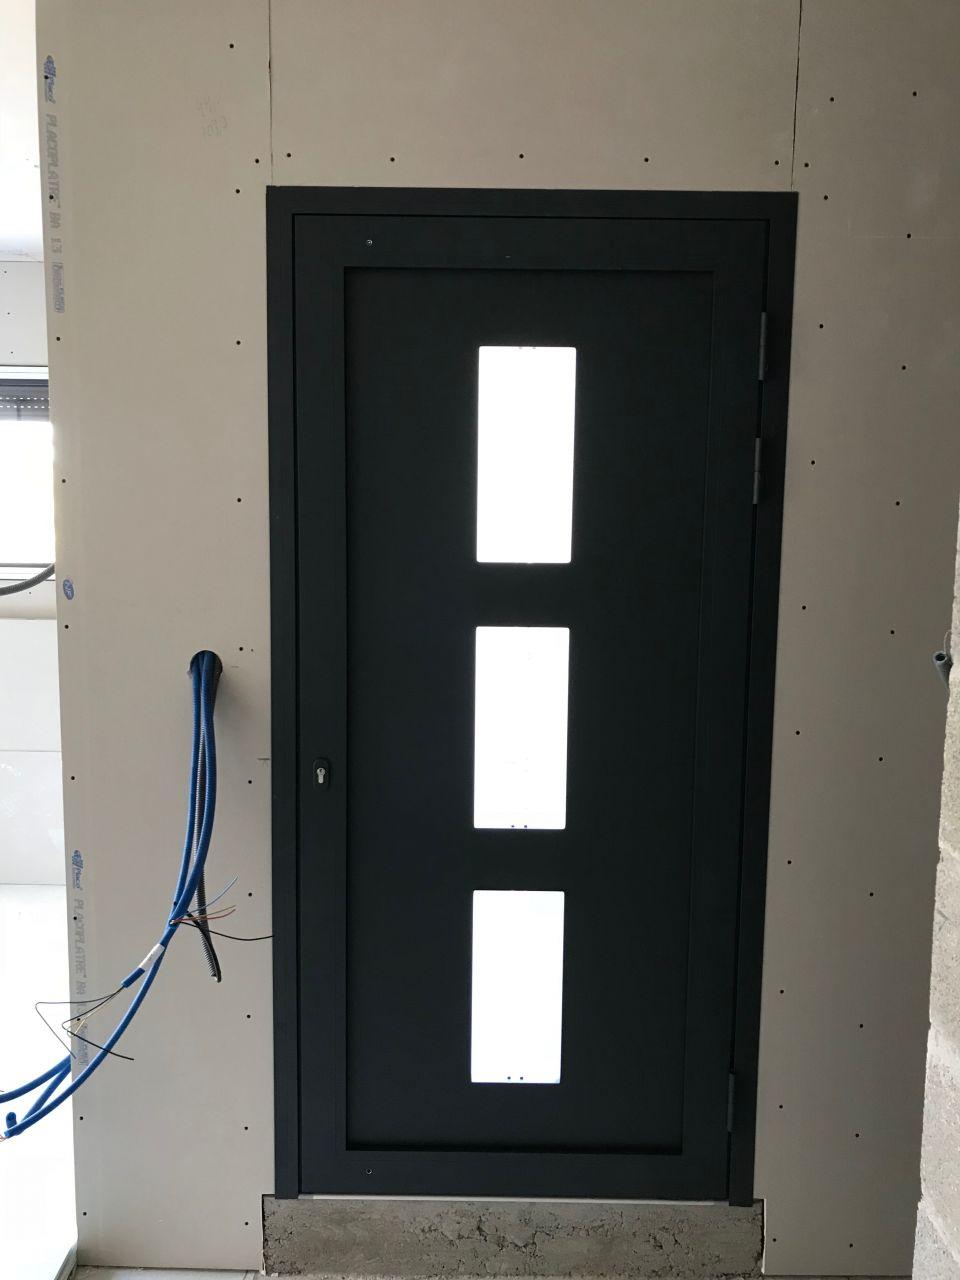 Porte d'entrée - manque le bâton de maréchal à installer